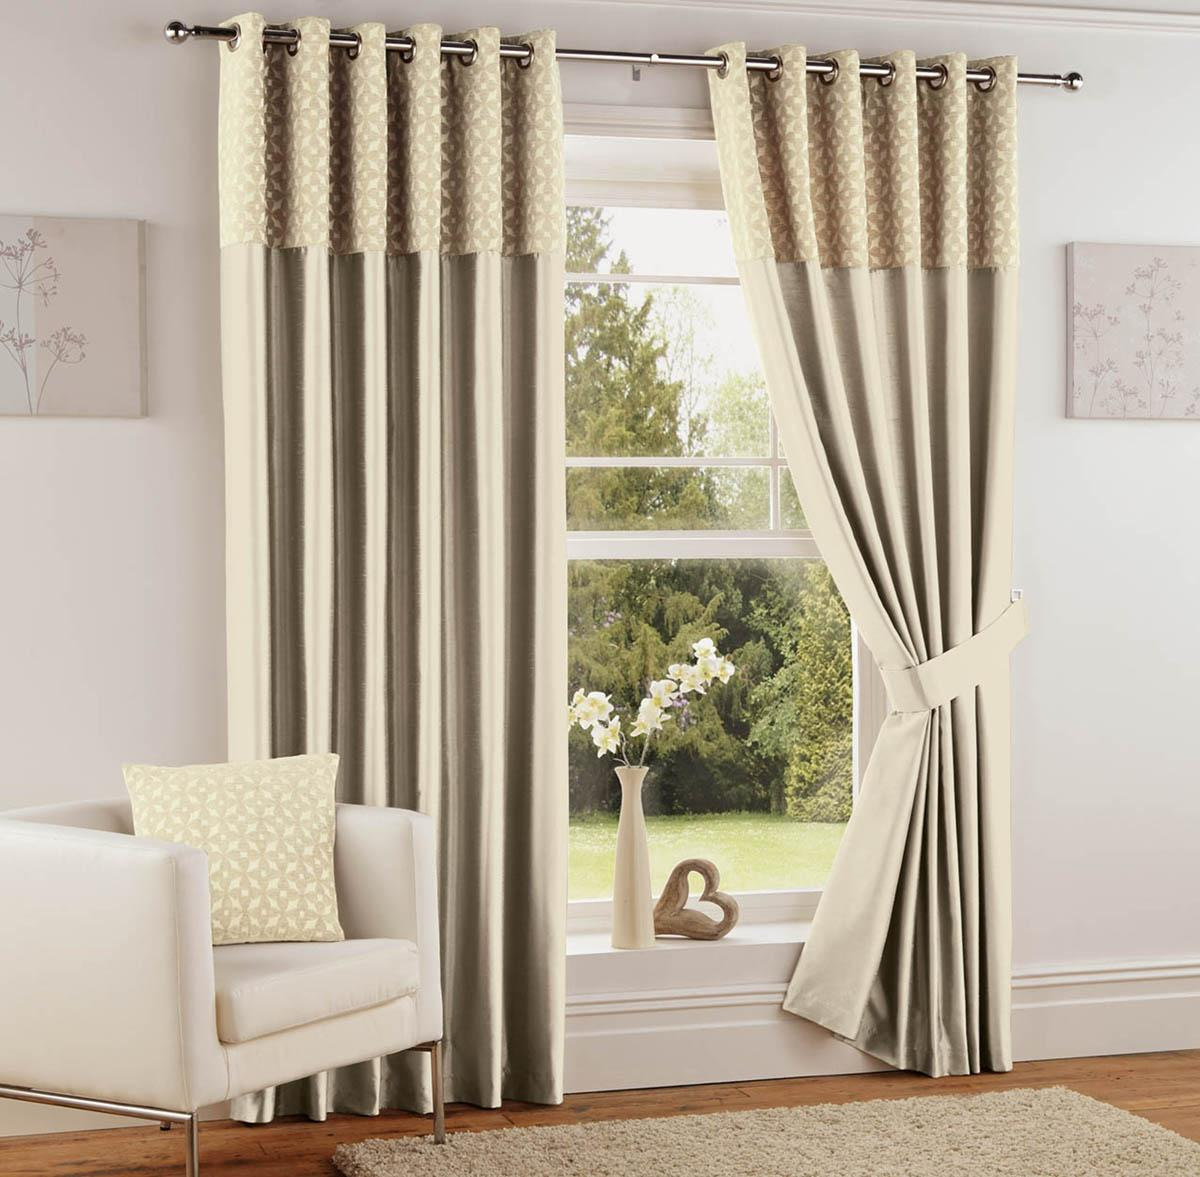 Natural Woburn Ready Made Eyelet Curtains